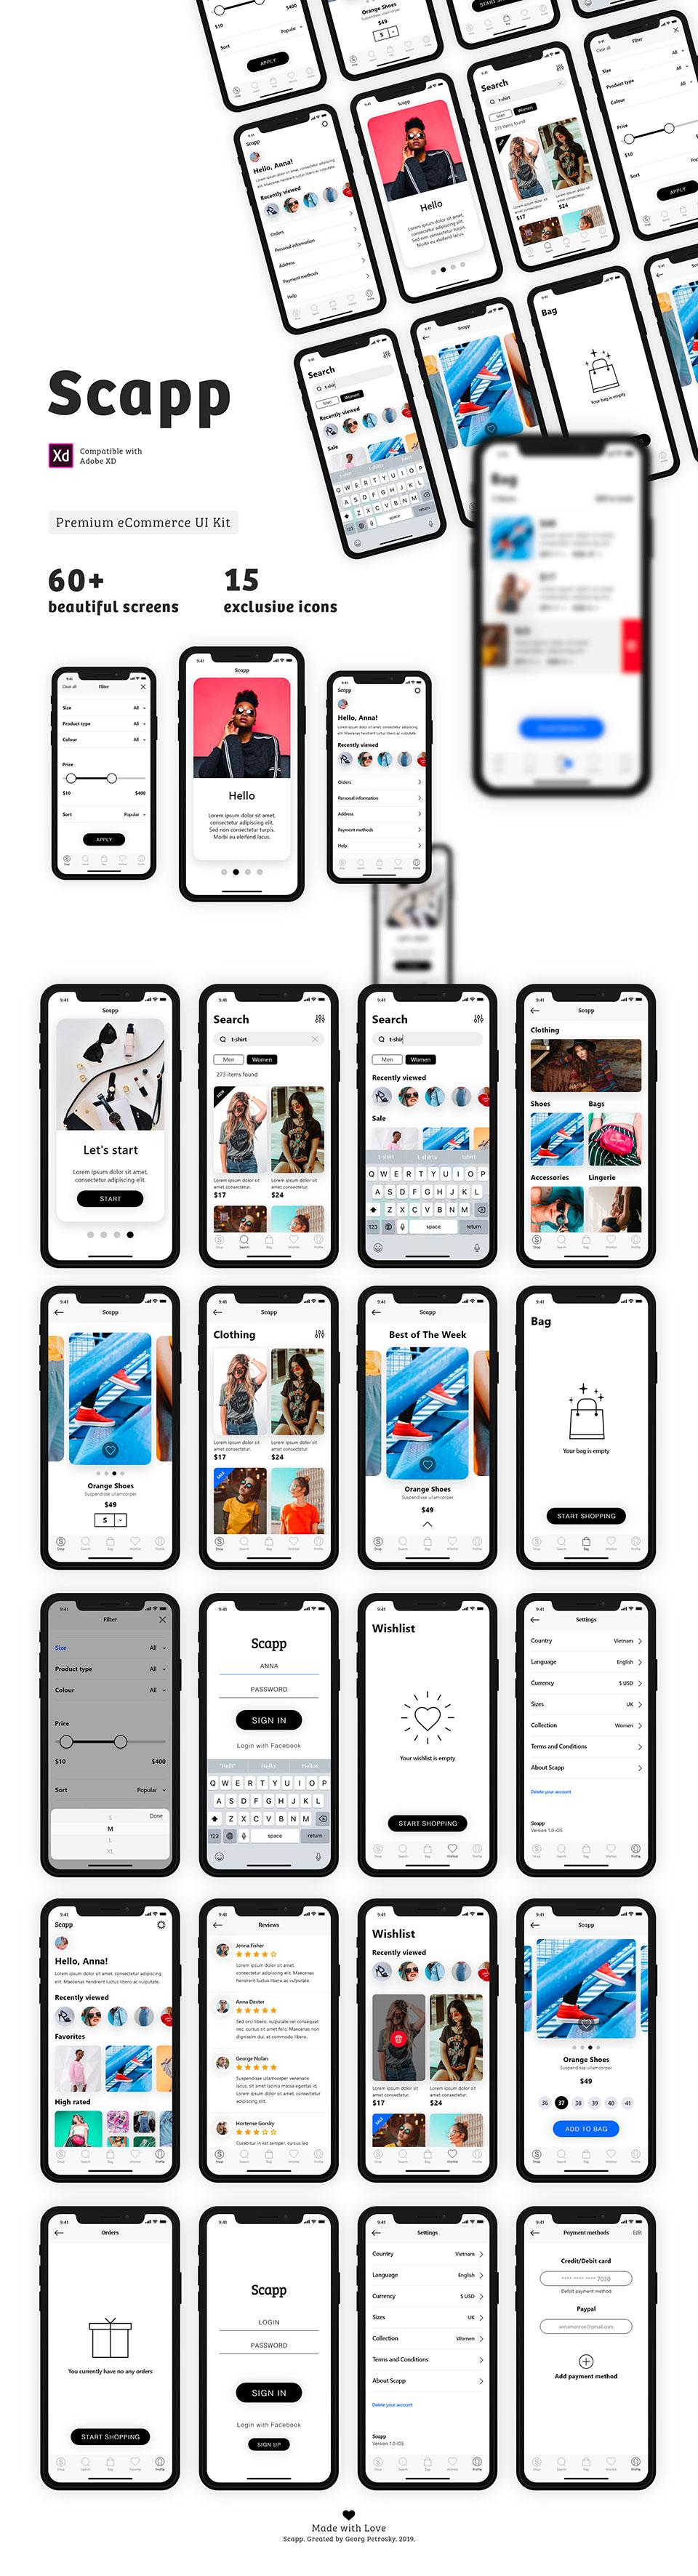 黑白简约百搭时尚风格的APP ui设计 app界面设计 套装下载[XD] Scapp — eCommerce Premium UI Kit - imaxk